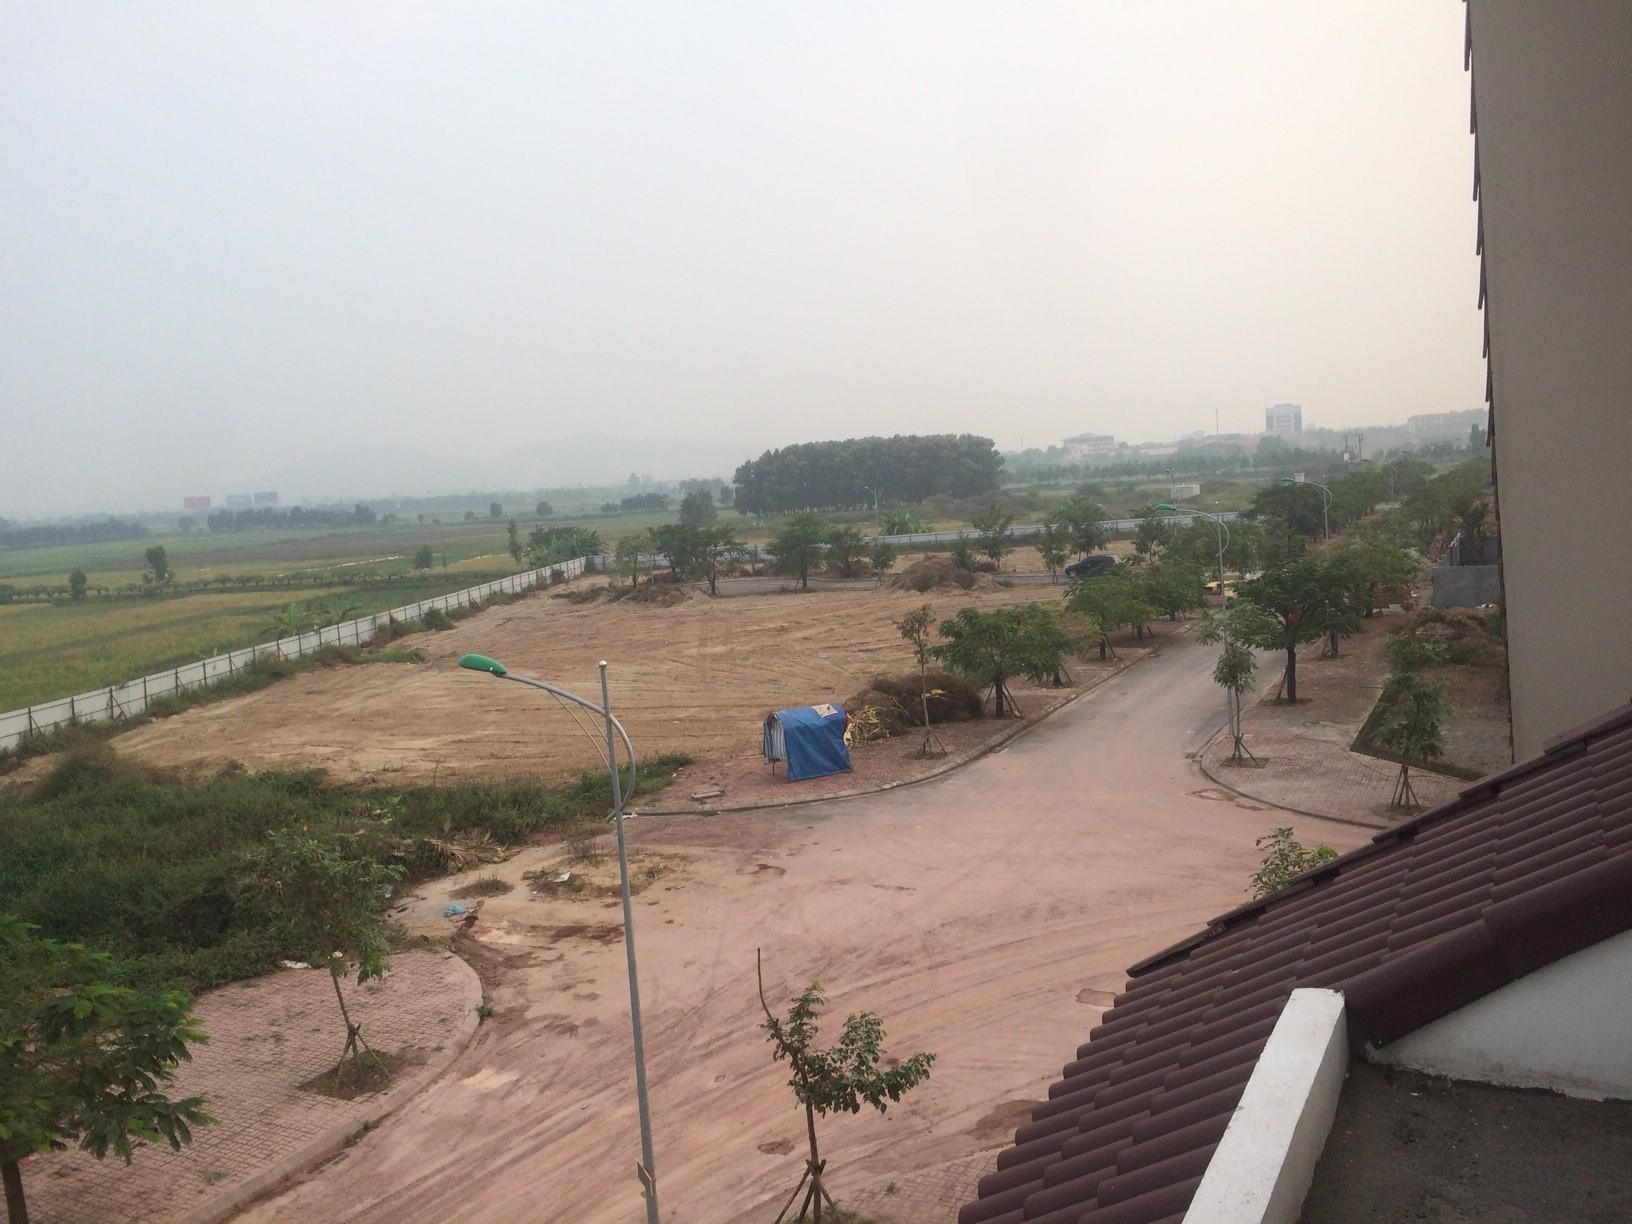 Tien do thi cong du an khu do thi phuc ninh thang 11 (17)